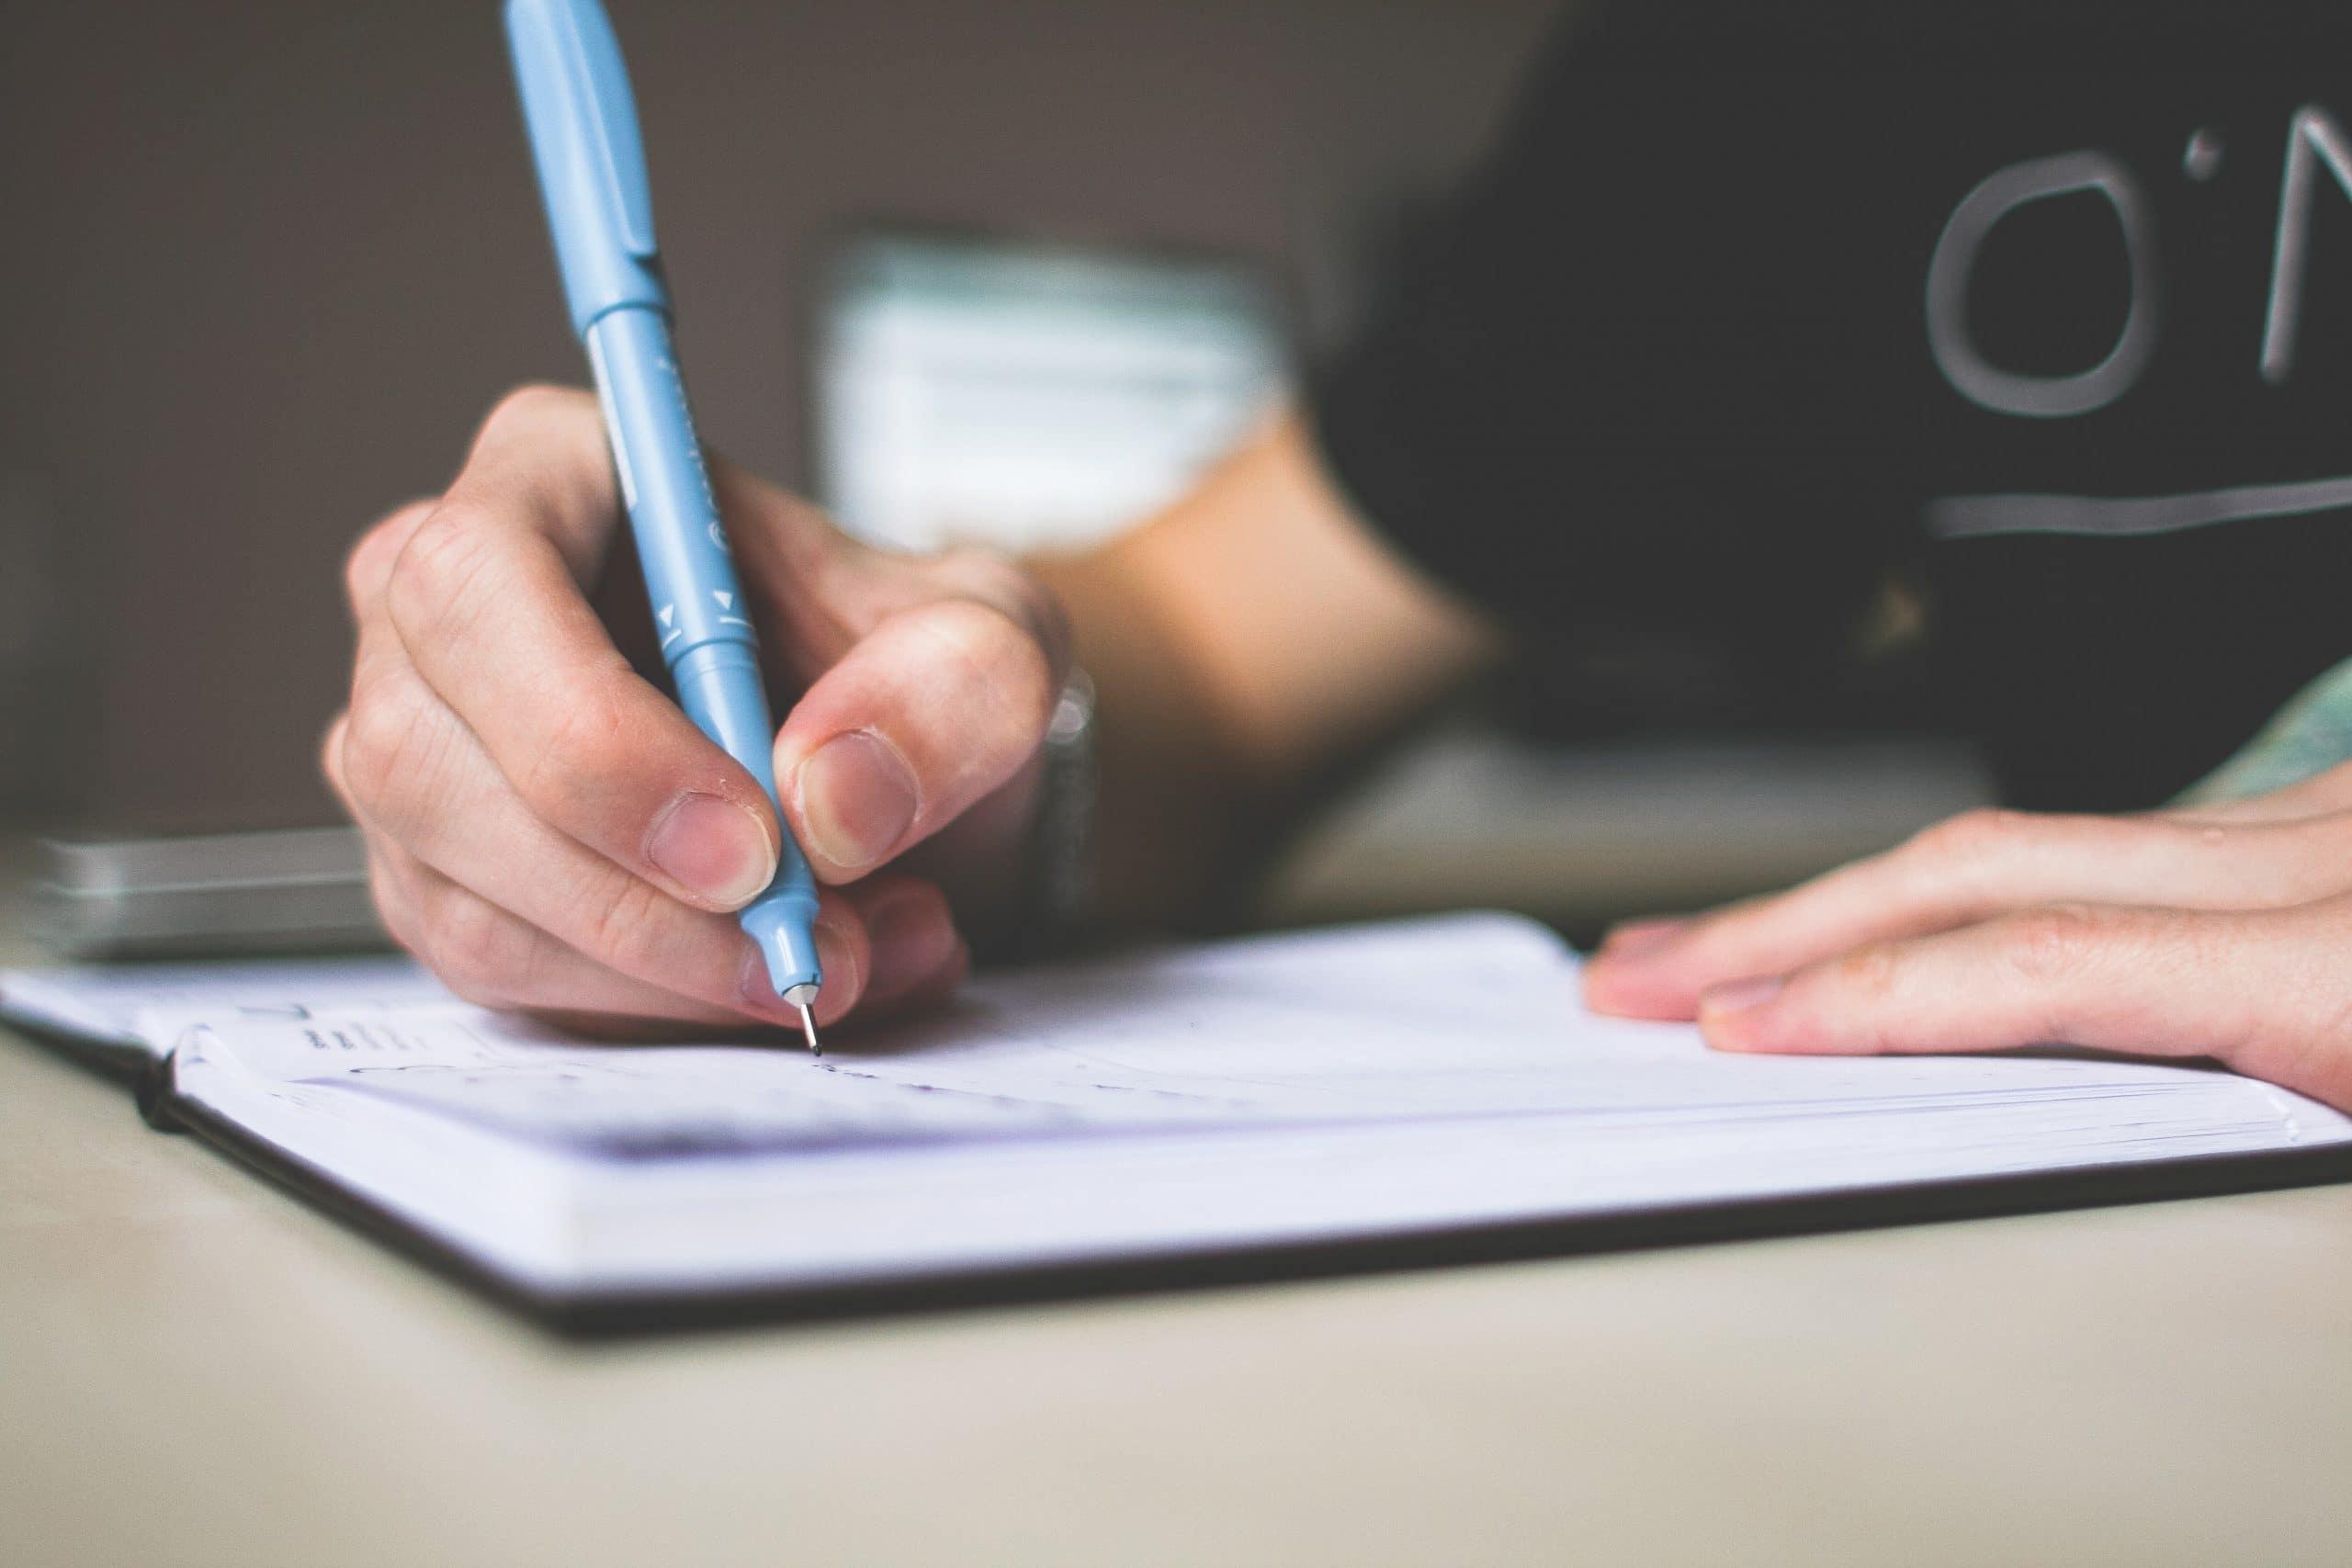 Pessoa escrevendo em caderno. Fazendo lista de desejos para o ano novo. Usa uma caneta azul e uma blusa preta.